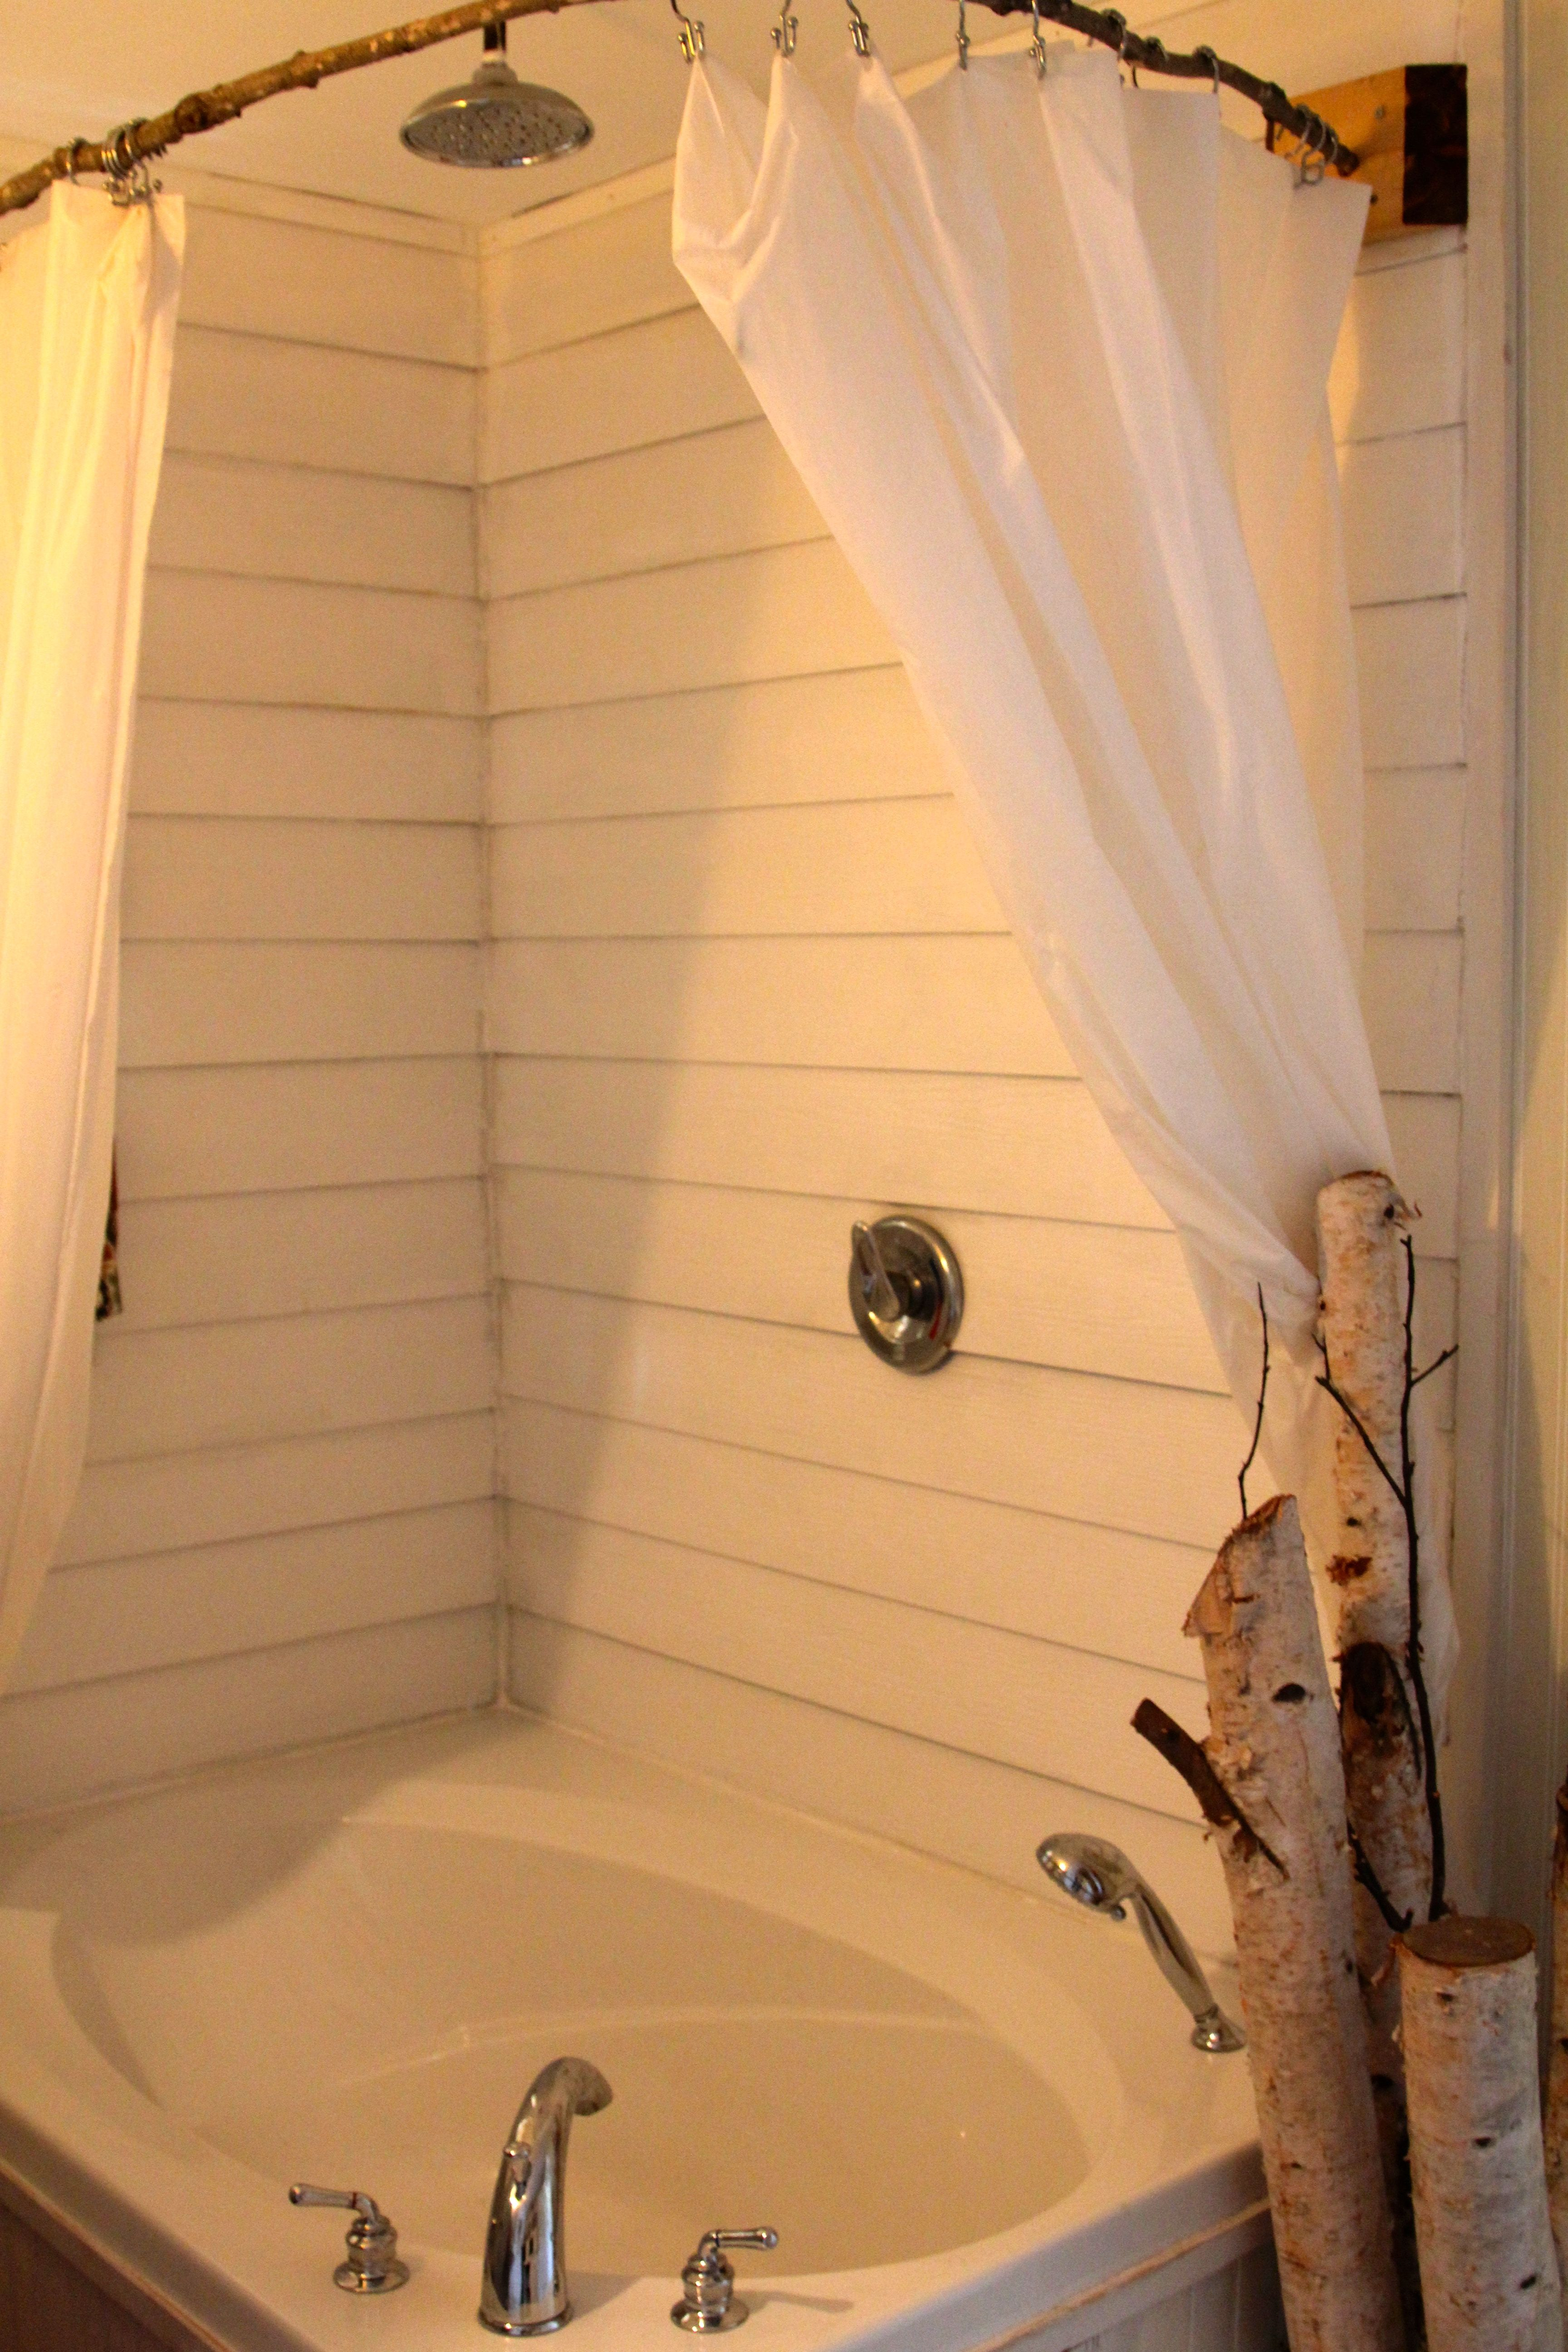 Canadian Cottage Bathroom Uses Left Over Hardiplank Siding As Bathtub Shower Enclosure Bathrooms Remodel Shower Over Bath Bathroom Sink Decor